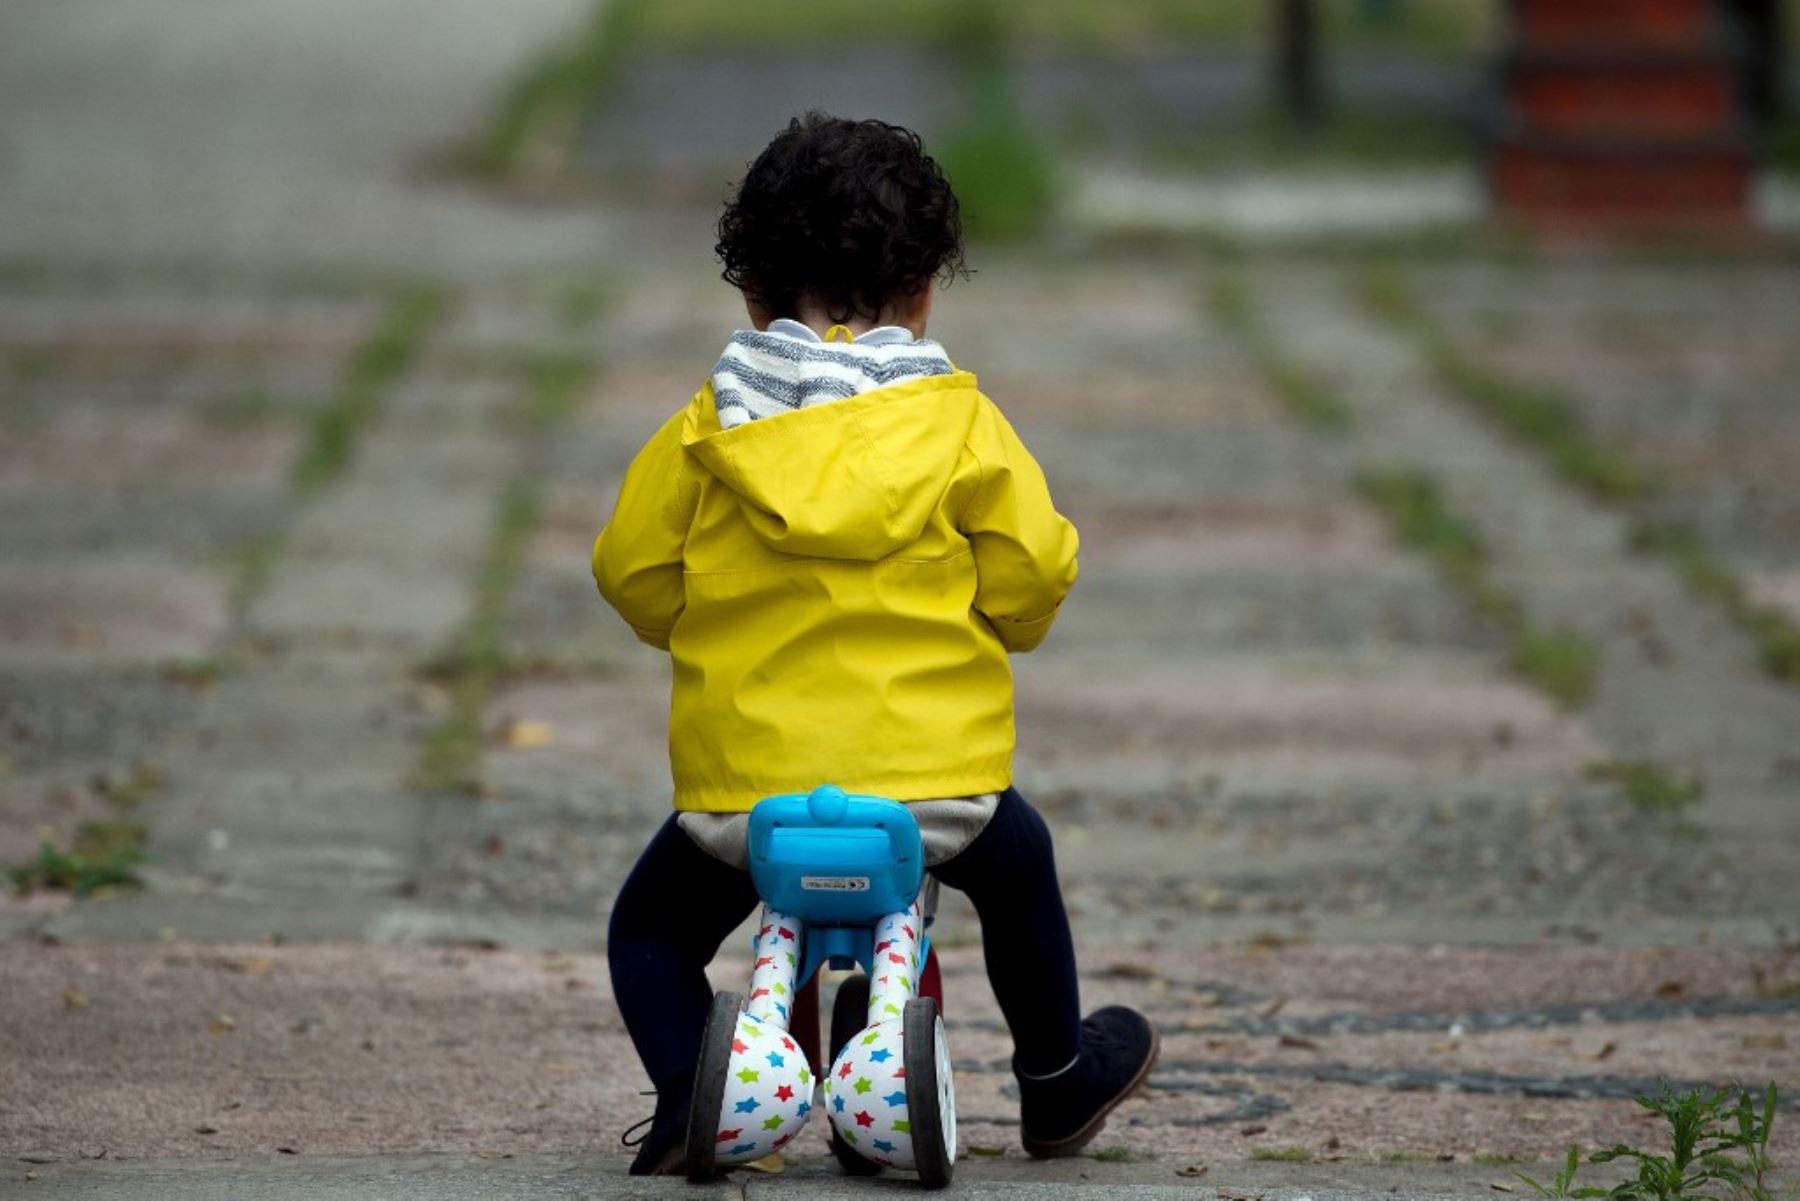 Investigación se desarrollará vía telefónica y permitirá identificar las repercusiones psicológicas de la COVID-19 en la población infanto-juvenil.